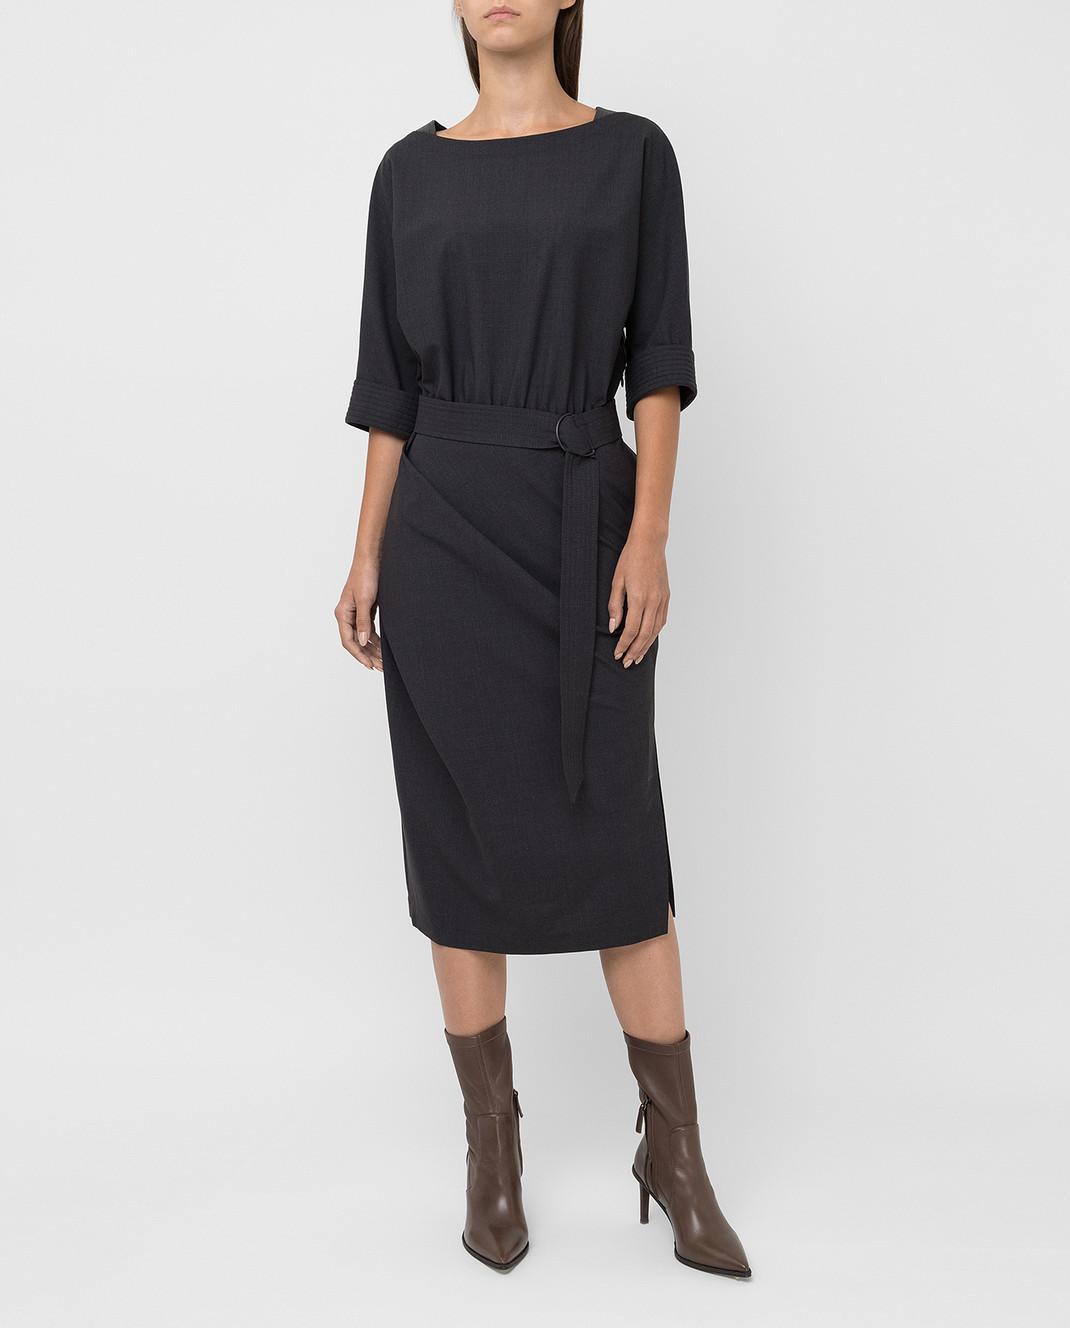 Brunello Cucinelli Темно-серое платье из шерсти изображение 2